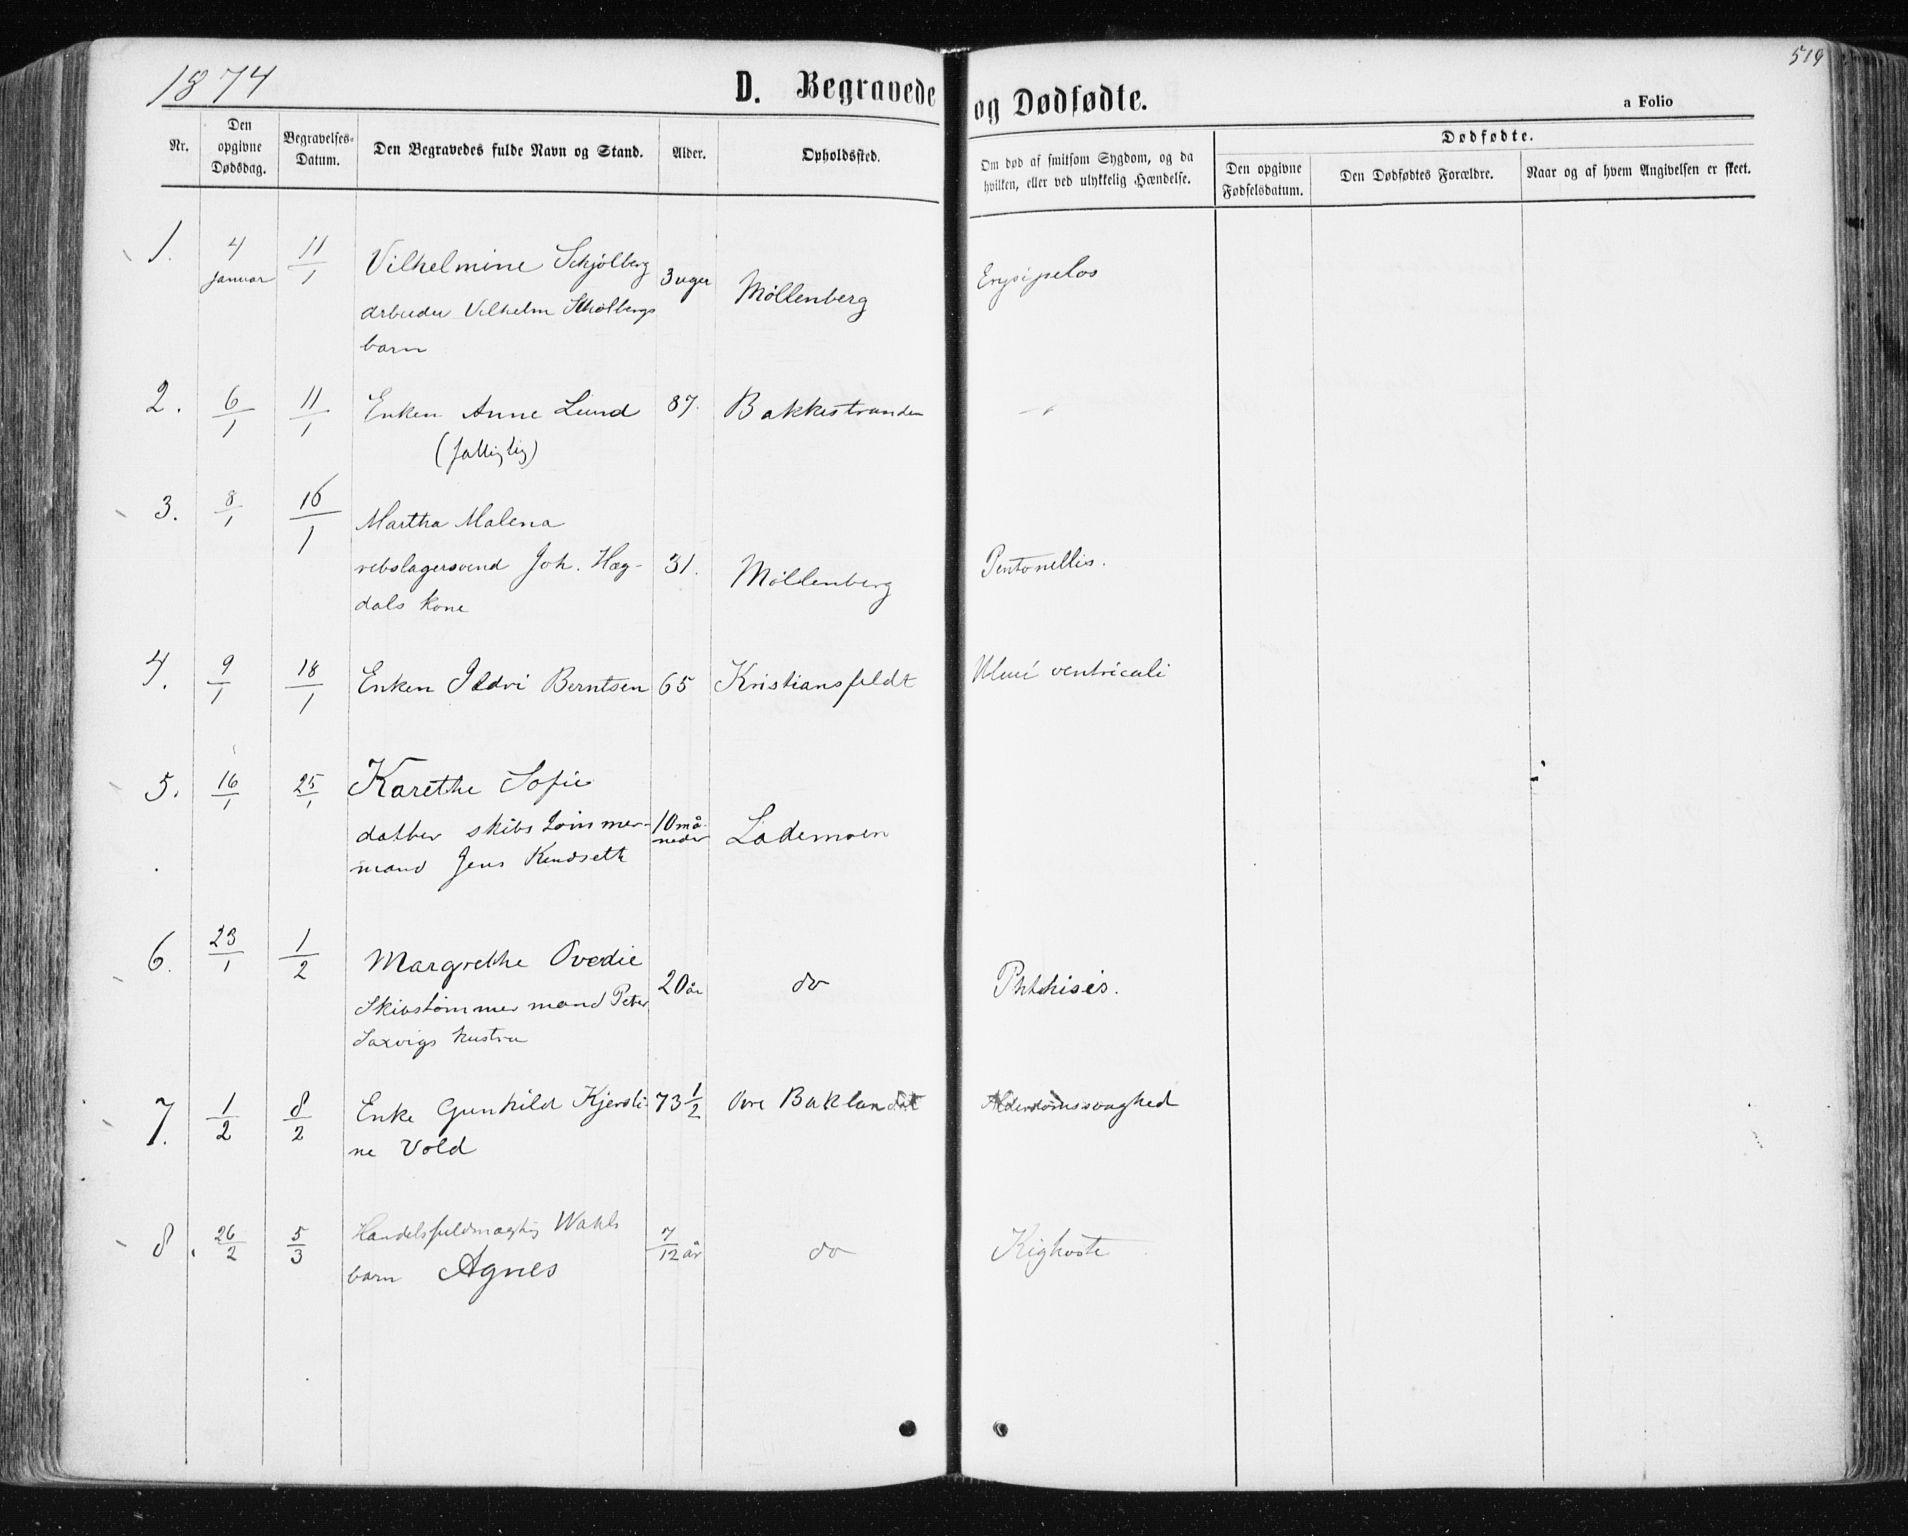 SAT, Ministerialprotokoller, klokkerbøker og fødselsregistre - Sør-Trøndelag, 604/L0186: Ministerialbok nr. 604A07, 1866-1877, s. 519